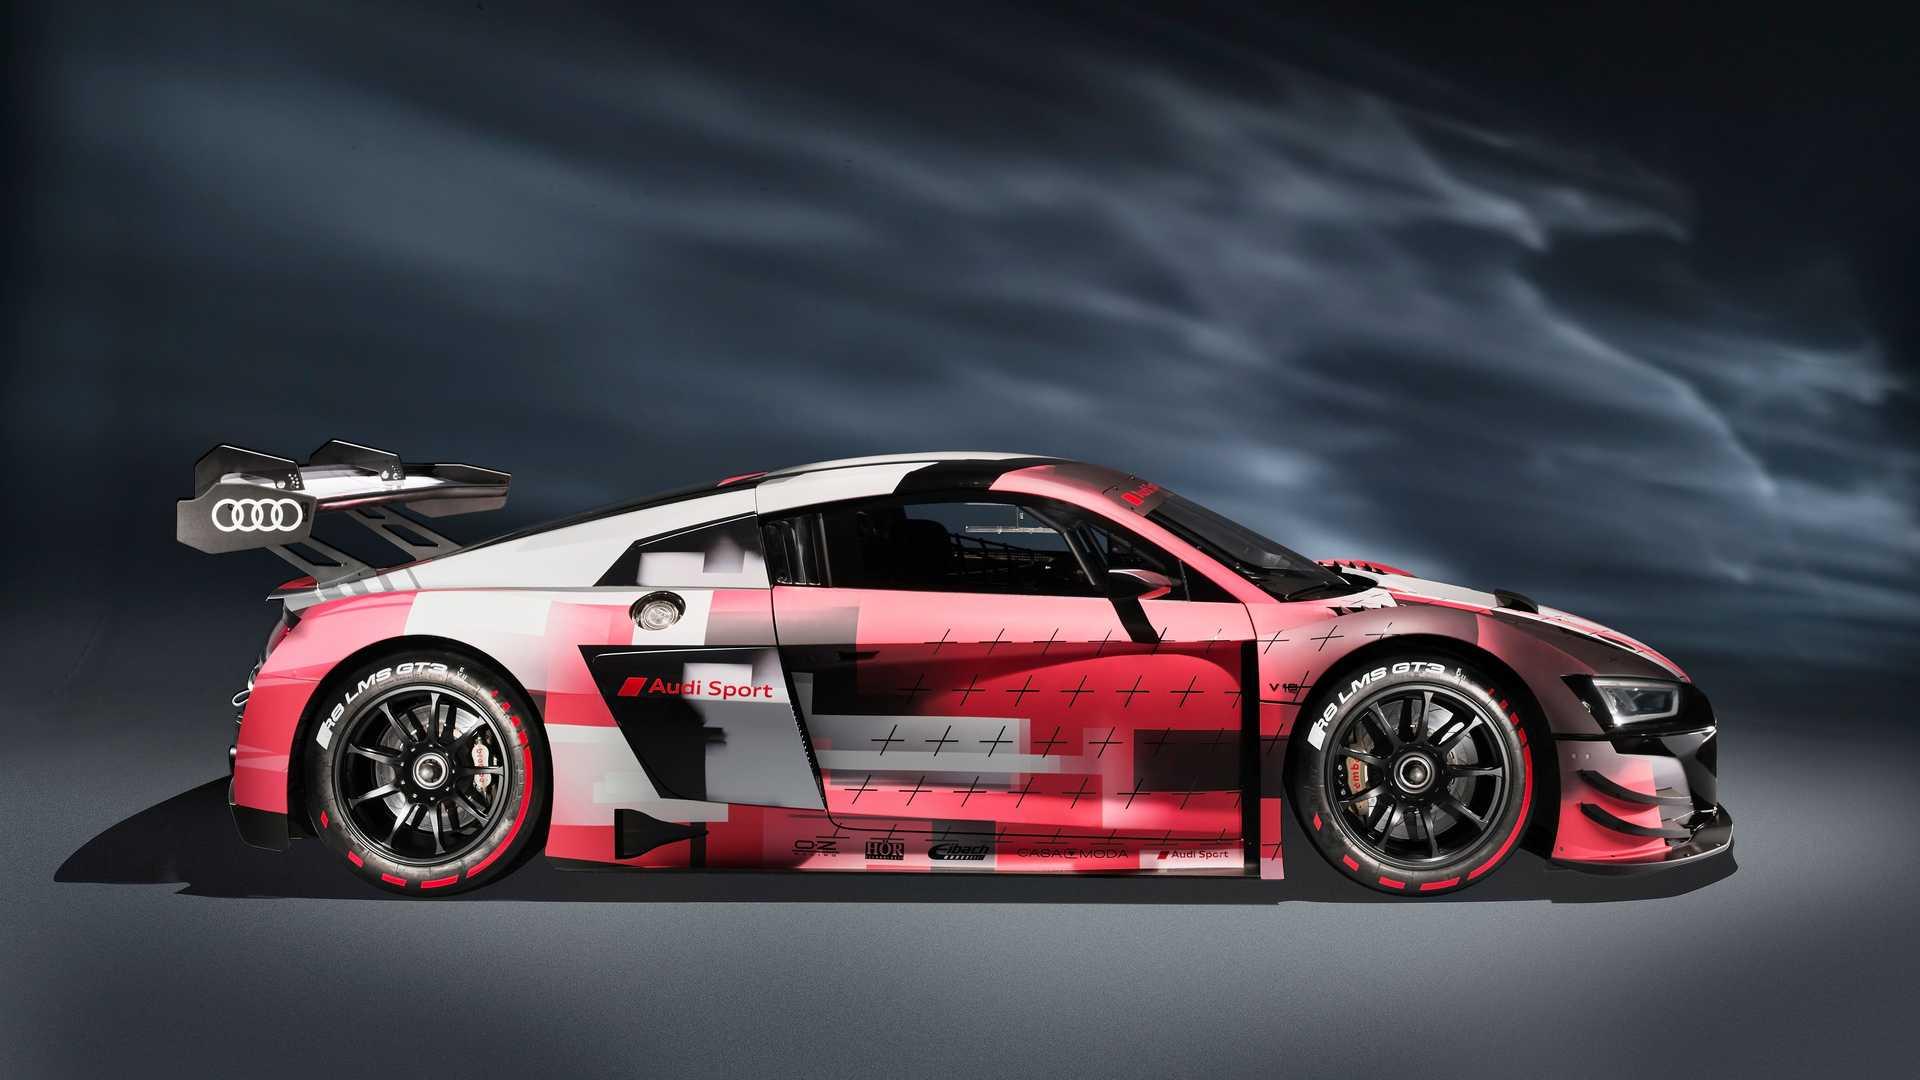 El Audi R8 LMS GT3 Evo II es una evolución del anterior R8 LMS GT3